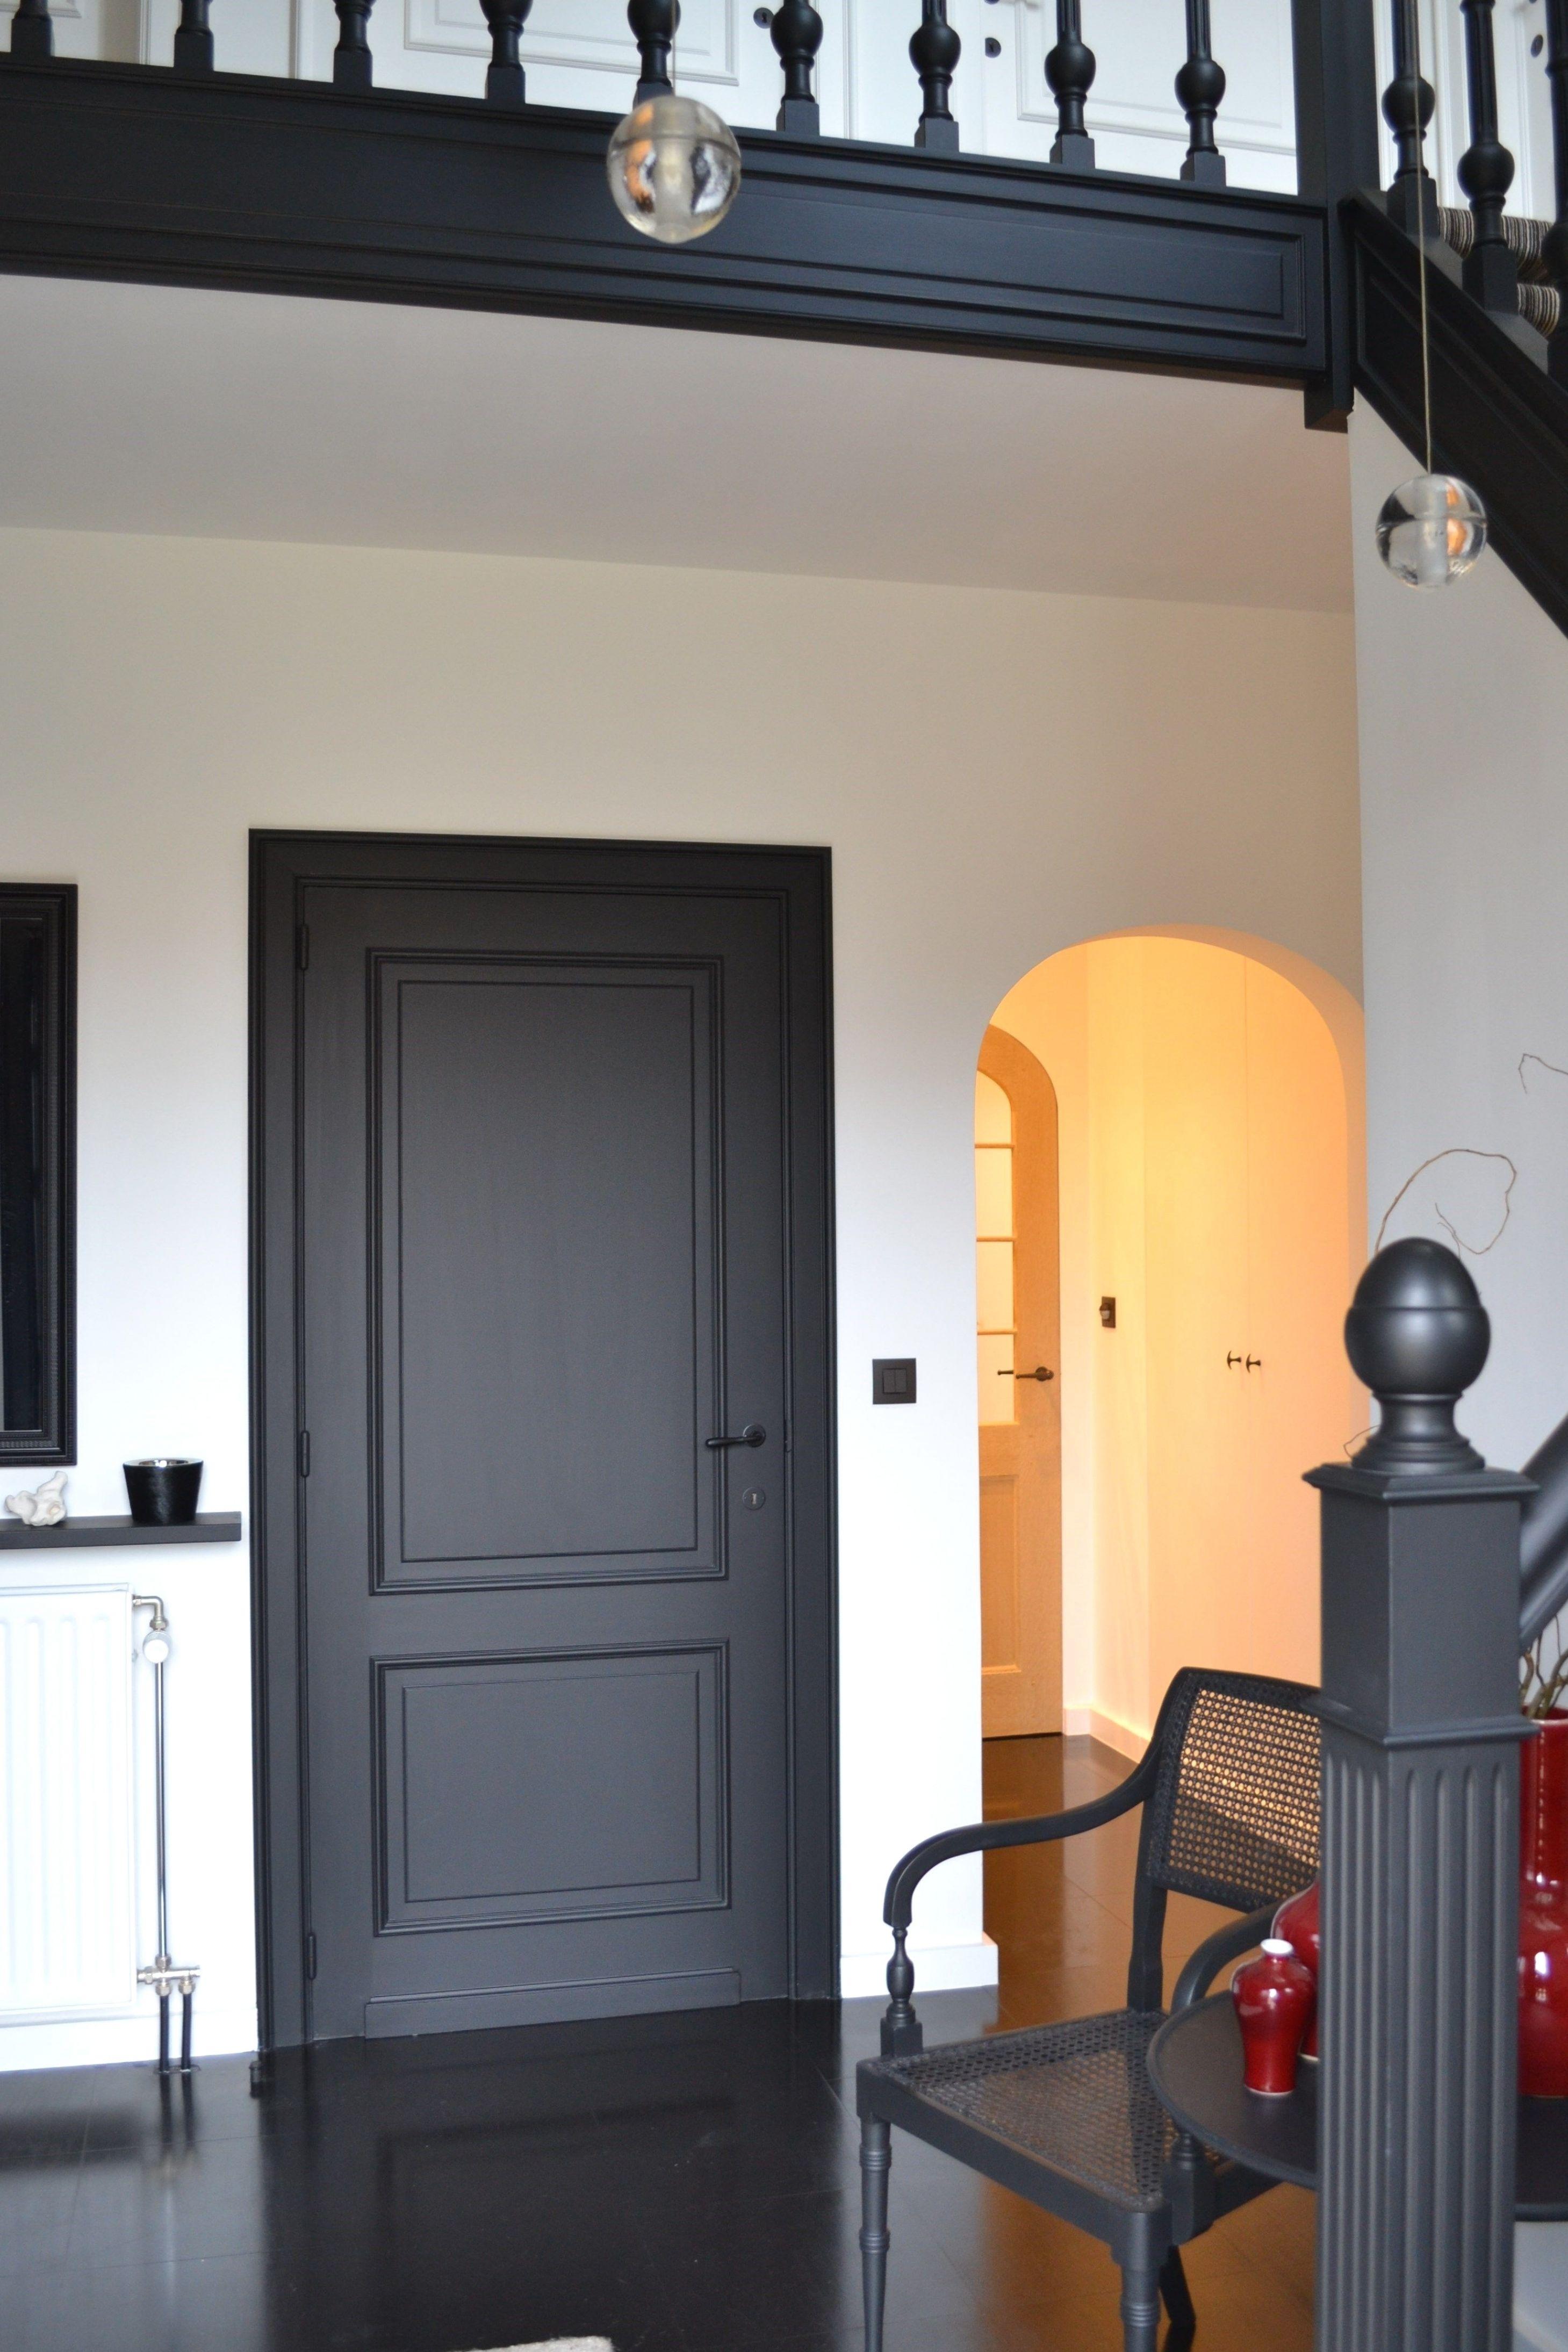 Container Home Floor Plans Kerala Home Design Plans Container Home Floor Plans K Diy Ideas In 2021 Black Interior Doors Interior Door Colors Dark Interior Doors